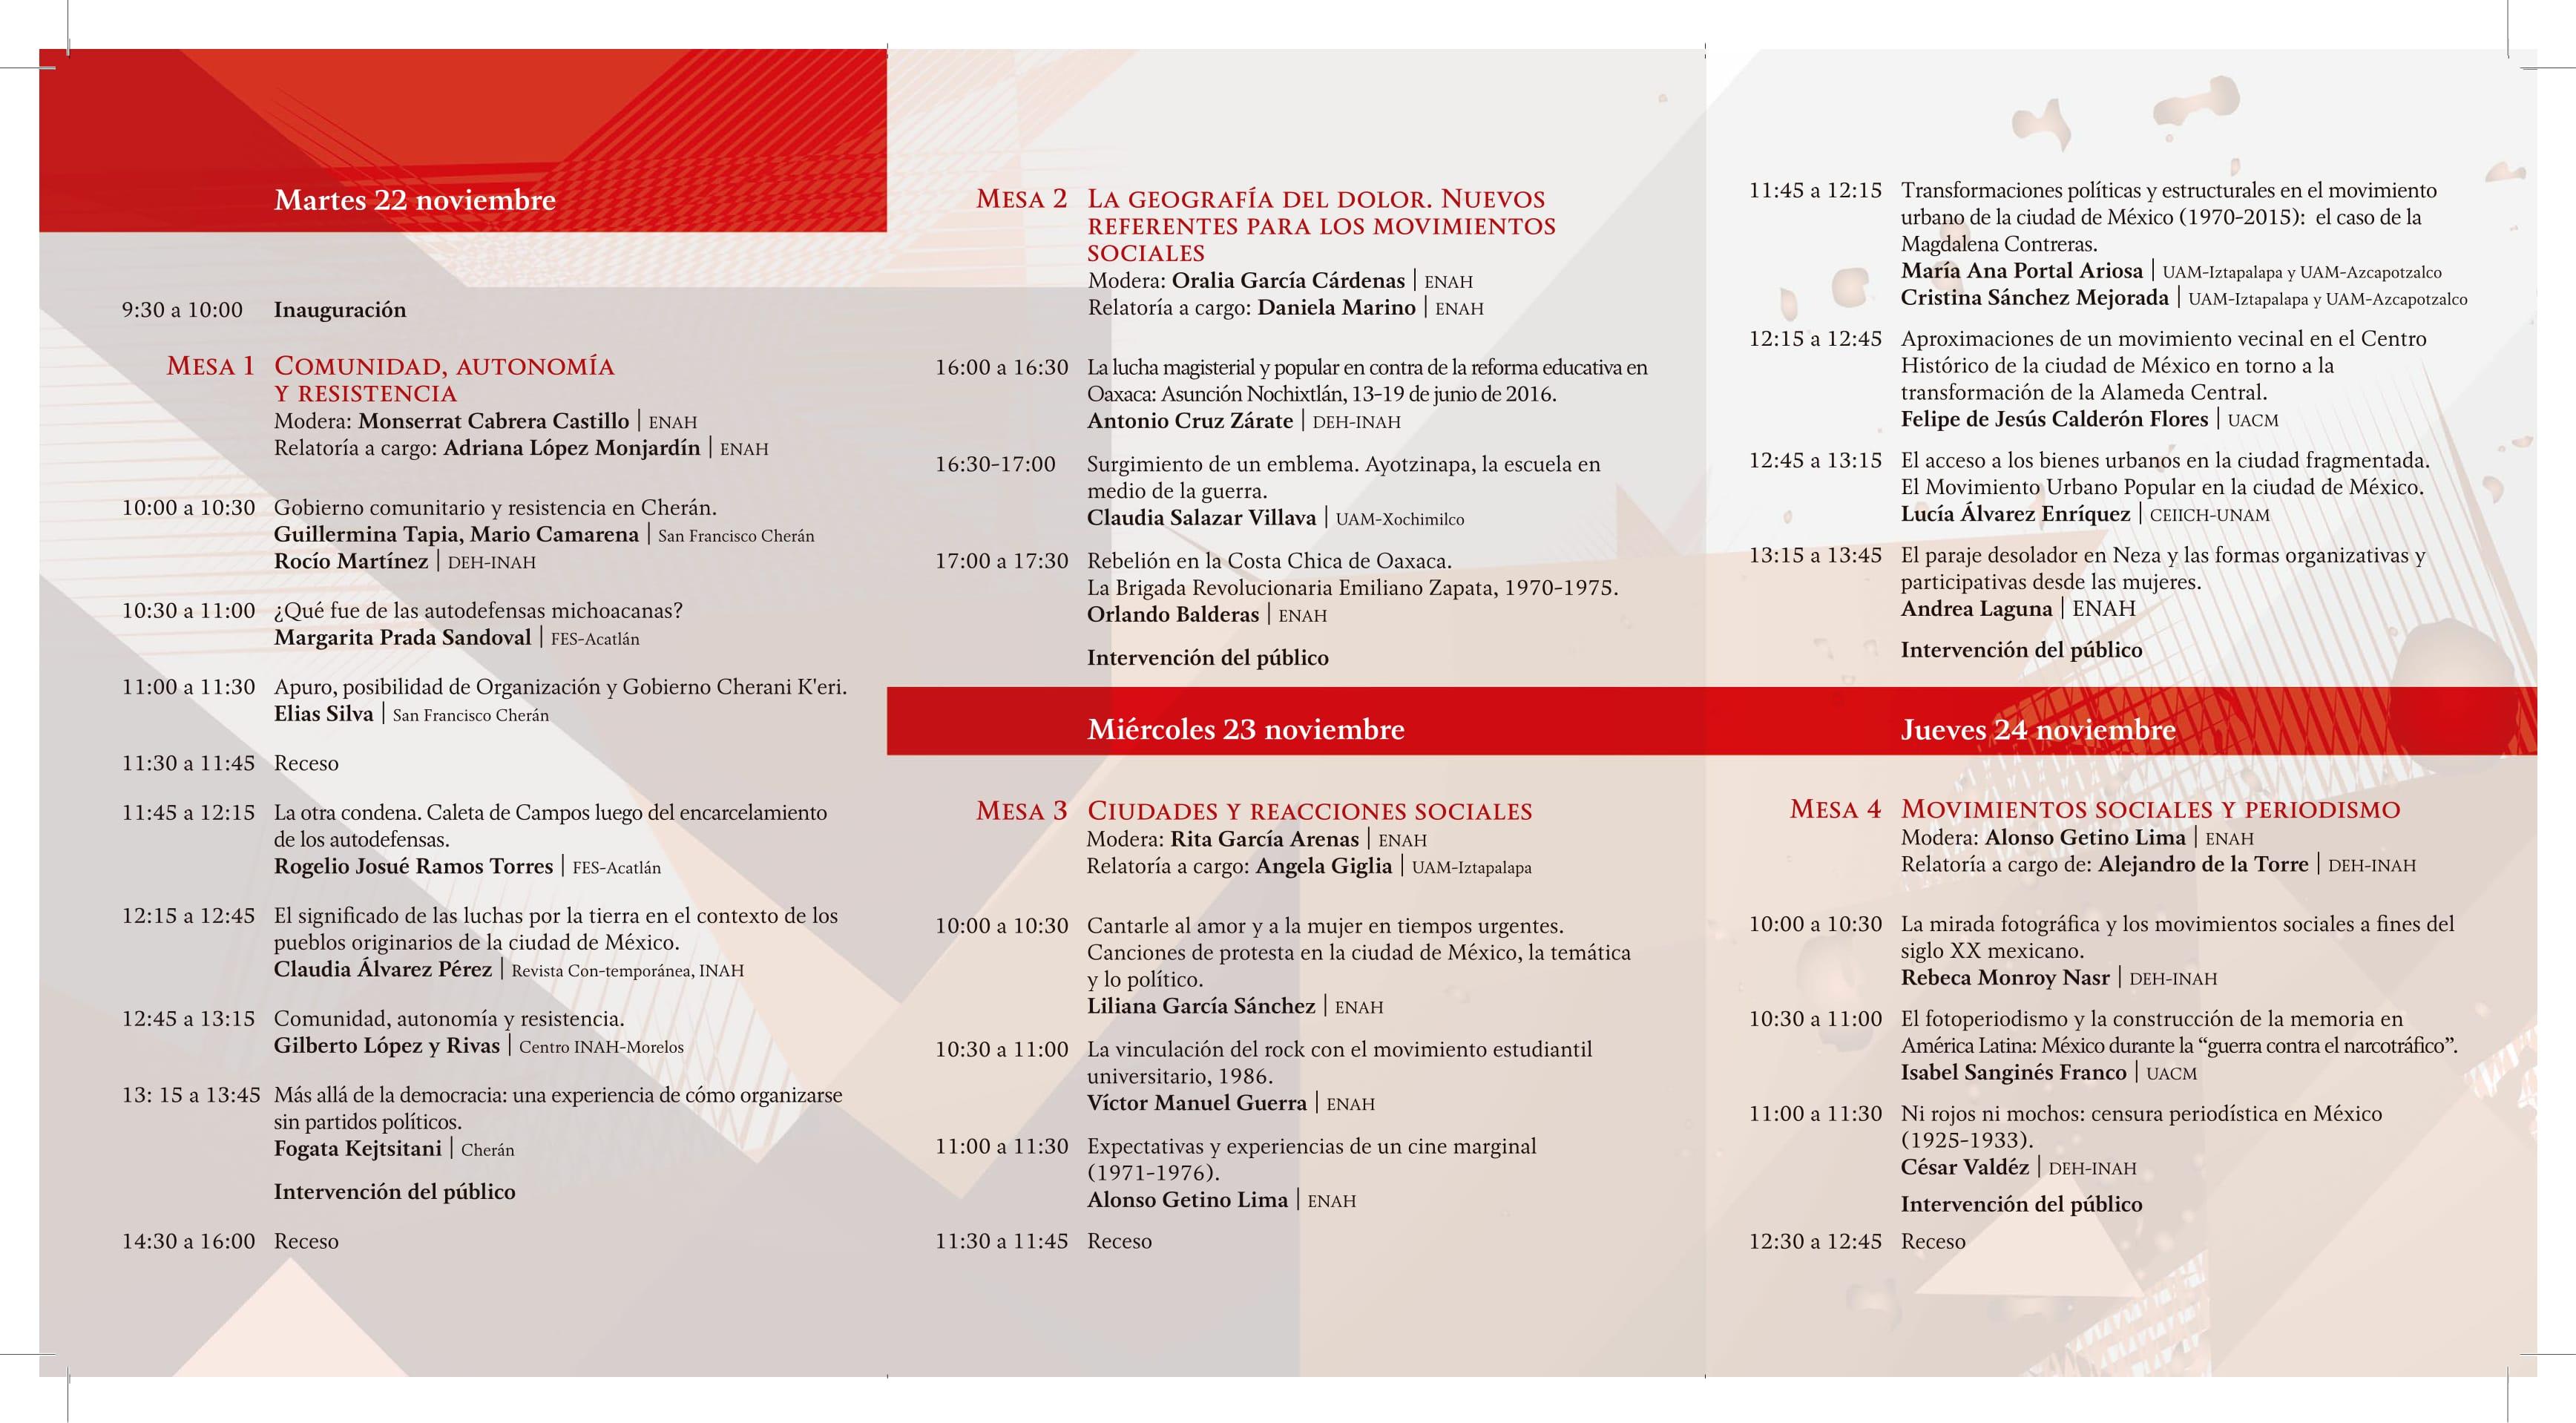 Programa III COLOQUIO/TALLER. MOVIMIENTOS SOCIALES EN LA HISTORIA DE MÉXICO, SIGLO XX - Vuelta